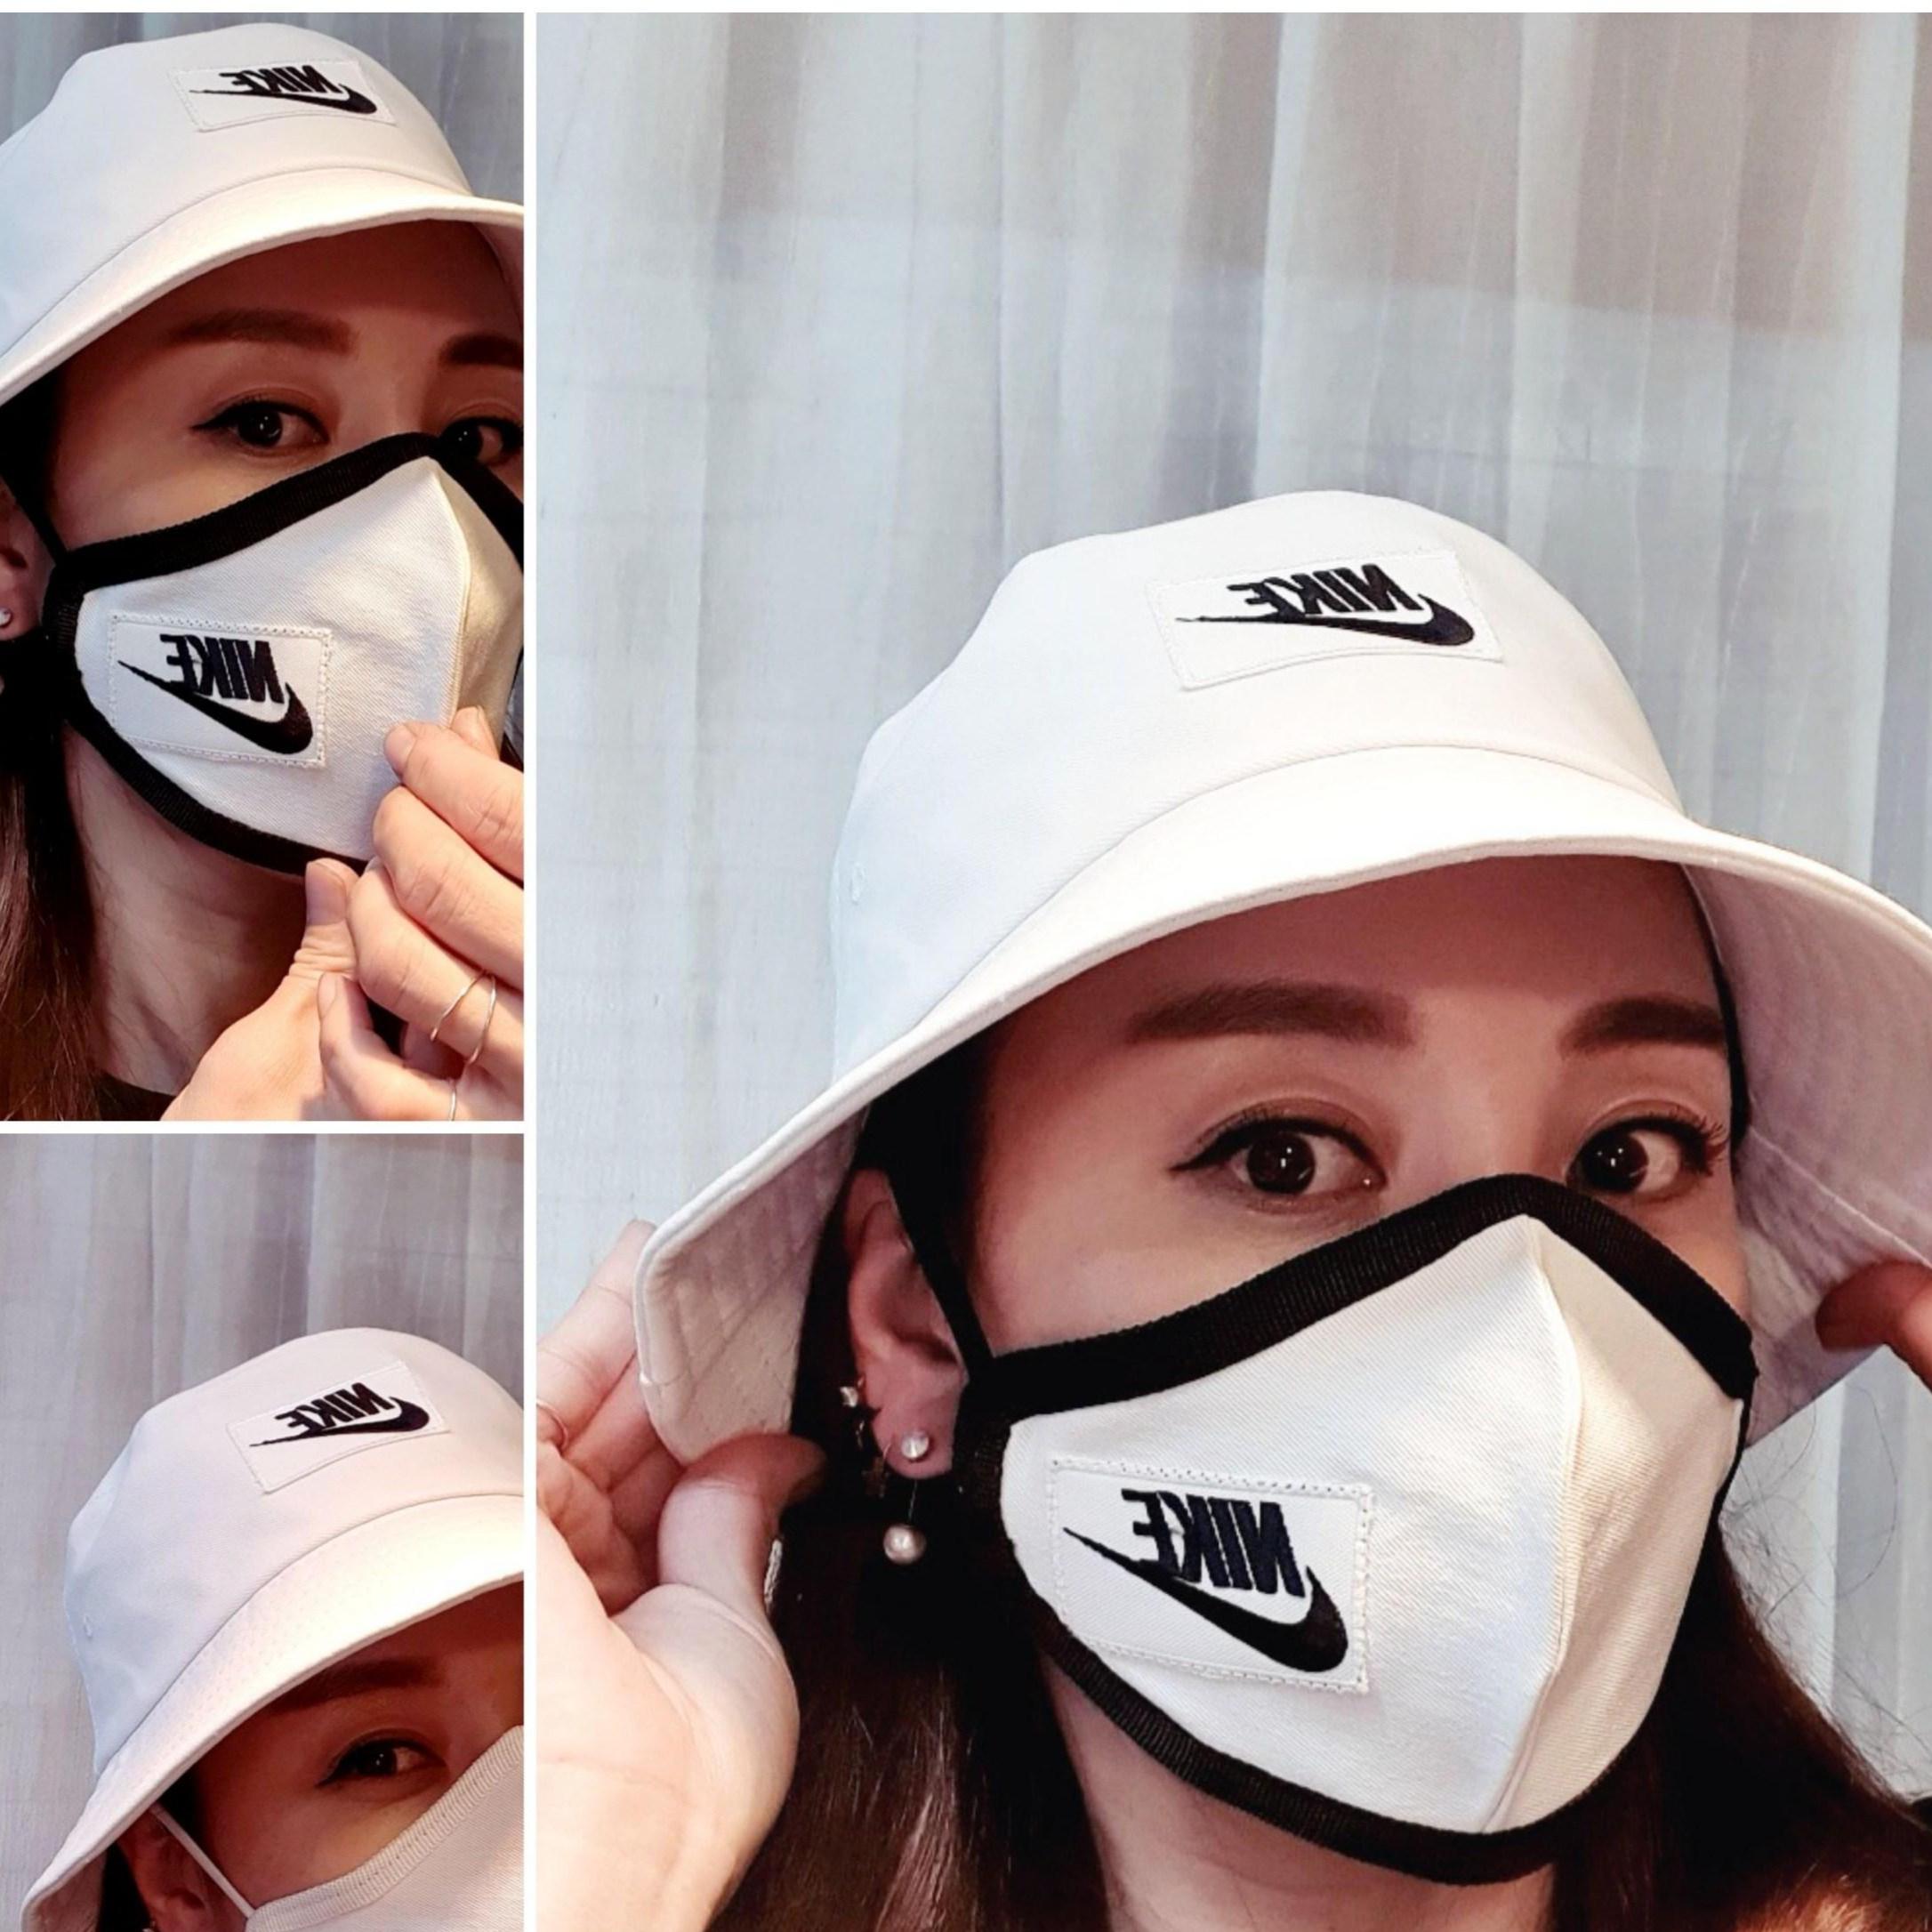 jini 화이트 나이키 패턴 벙거지+마스크 (숏) 남녀공용 세트